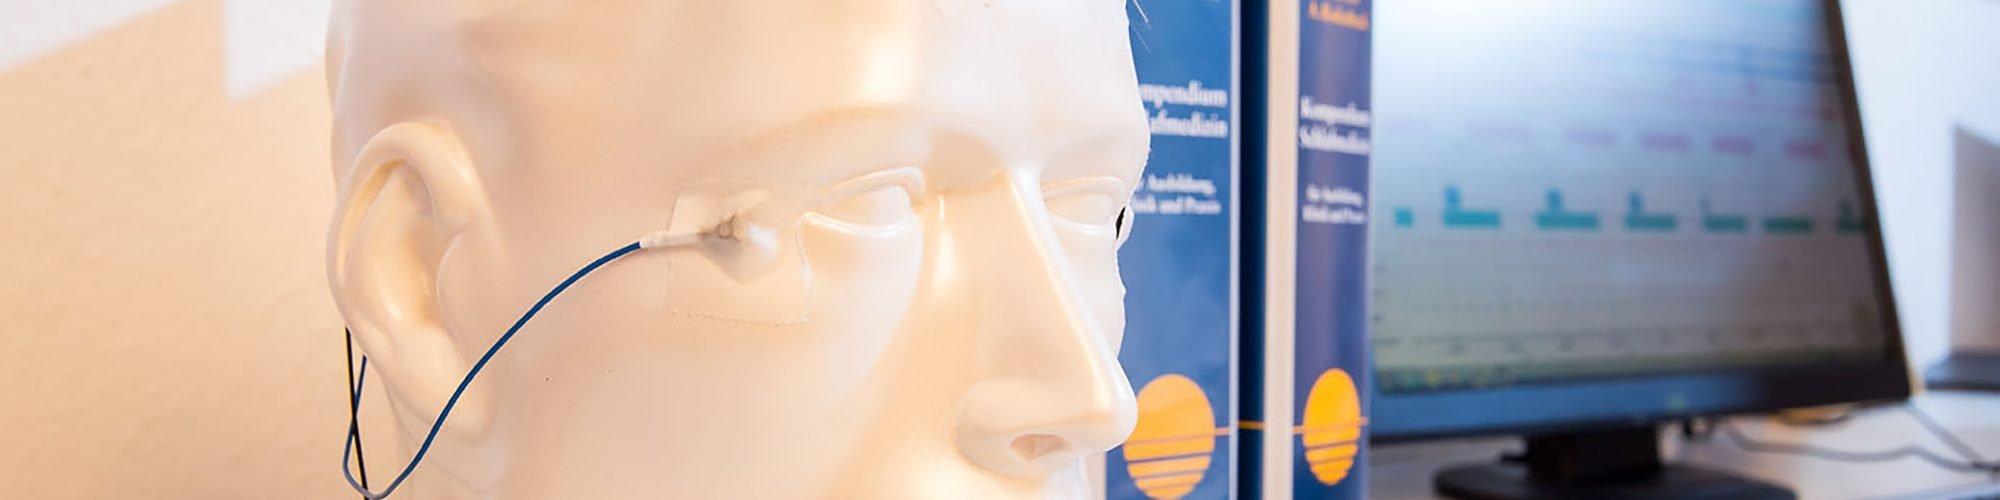 Kopf Modell, im Hintergrund ein Monitor